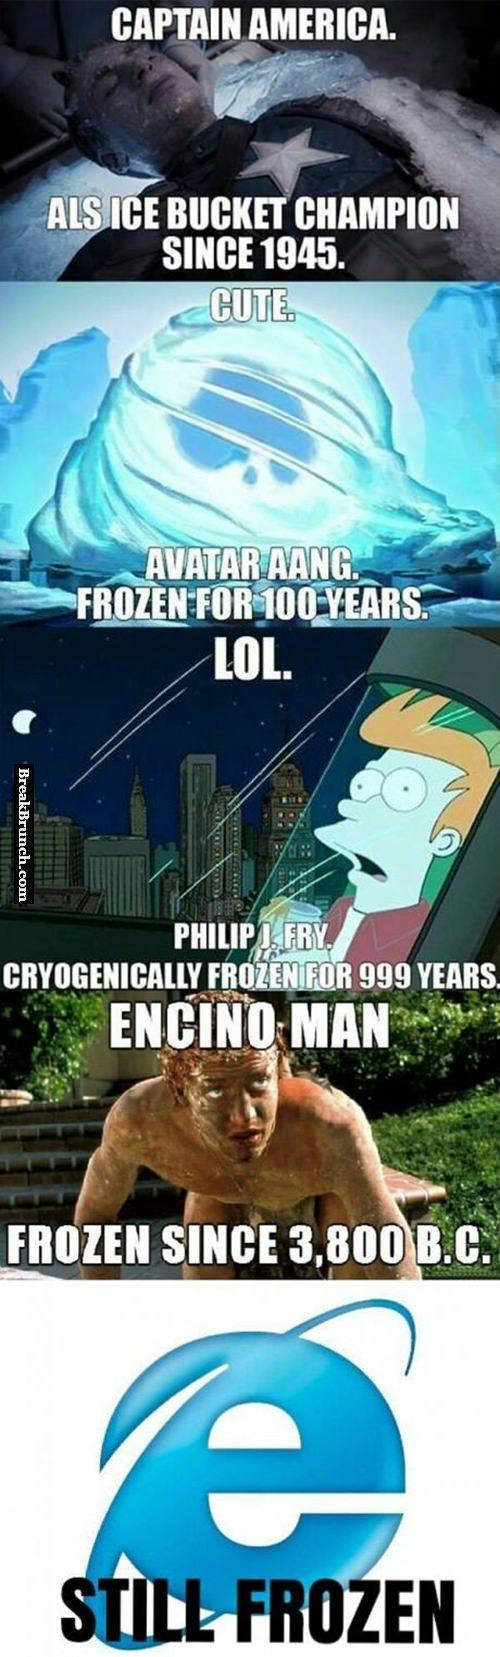 IE is still frozen